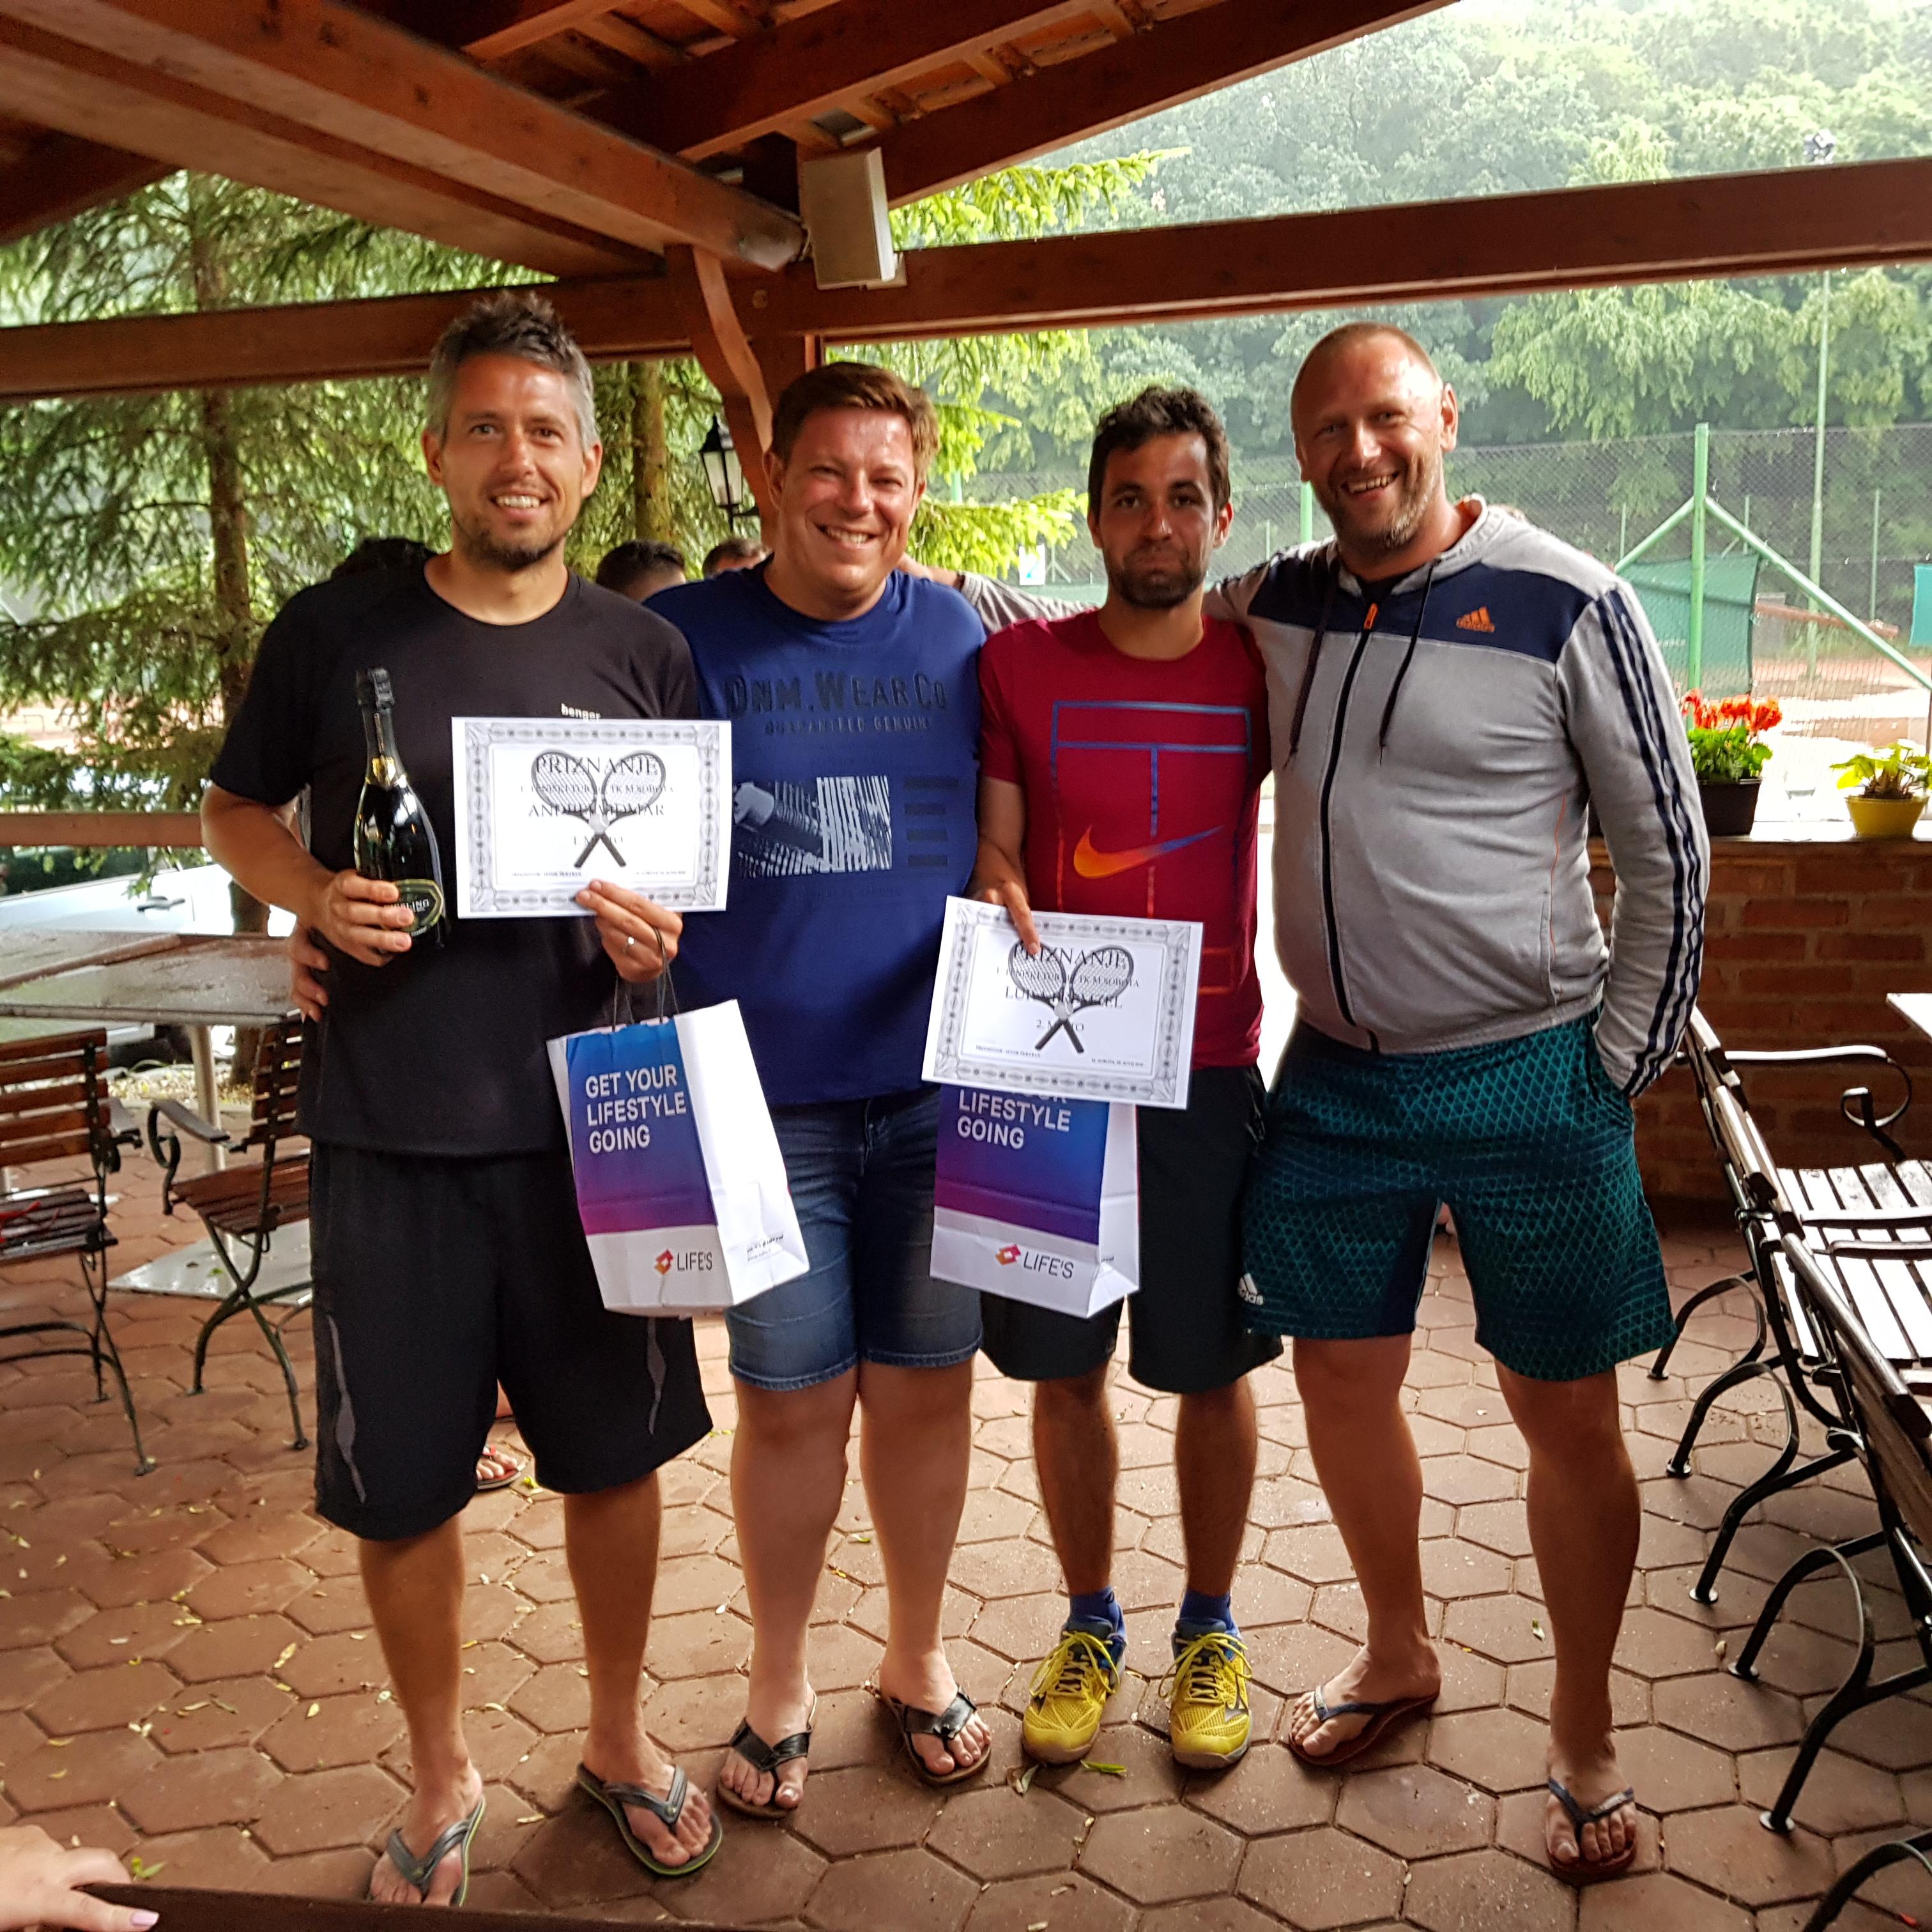 Rezultati 1. teniškega turnirja TKMS 2018